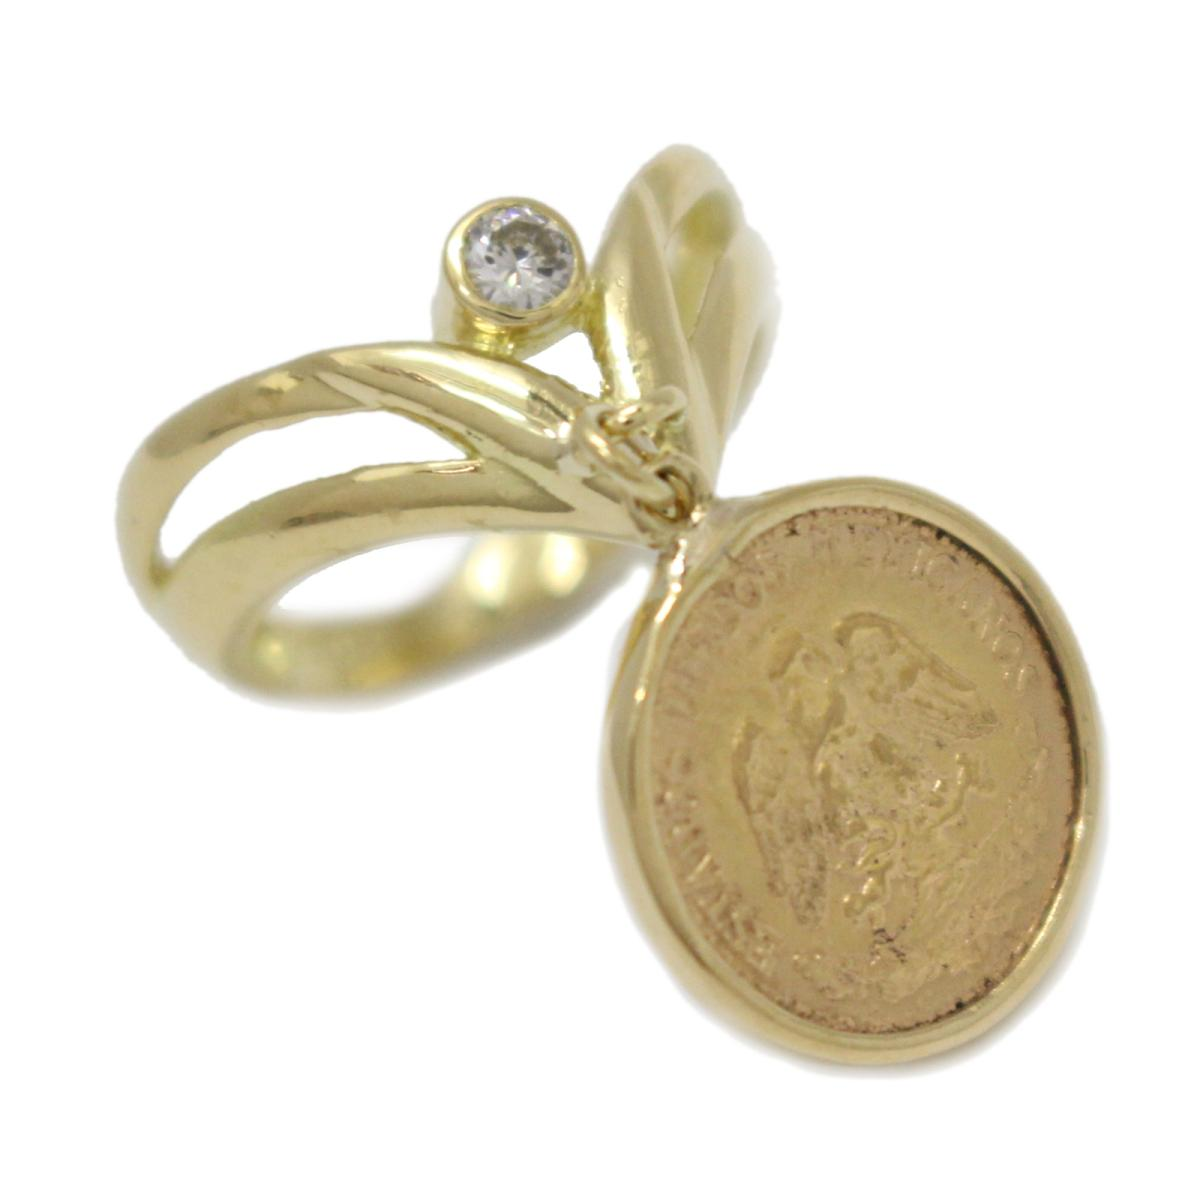 ジュエリー 2ペソ コイン リング 指輪 ノーブランドジュエリー レディース K18YG (750) イエローゴールドK21.6ダイヤモンド (石目無し) 【中古】 | JEWELRY BRANDOFF ブランドオフ アクセサリー